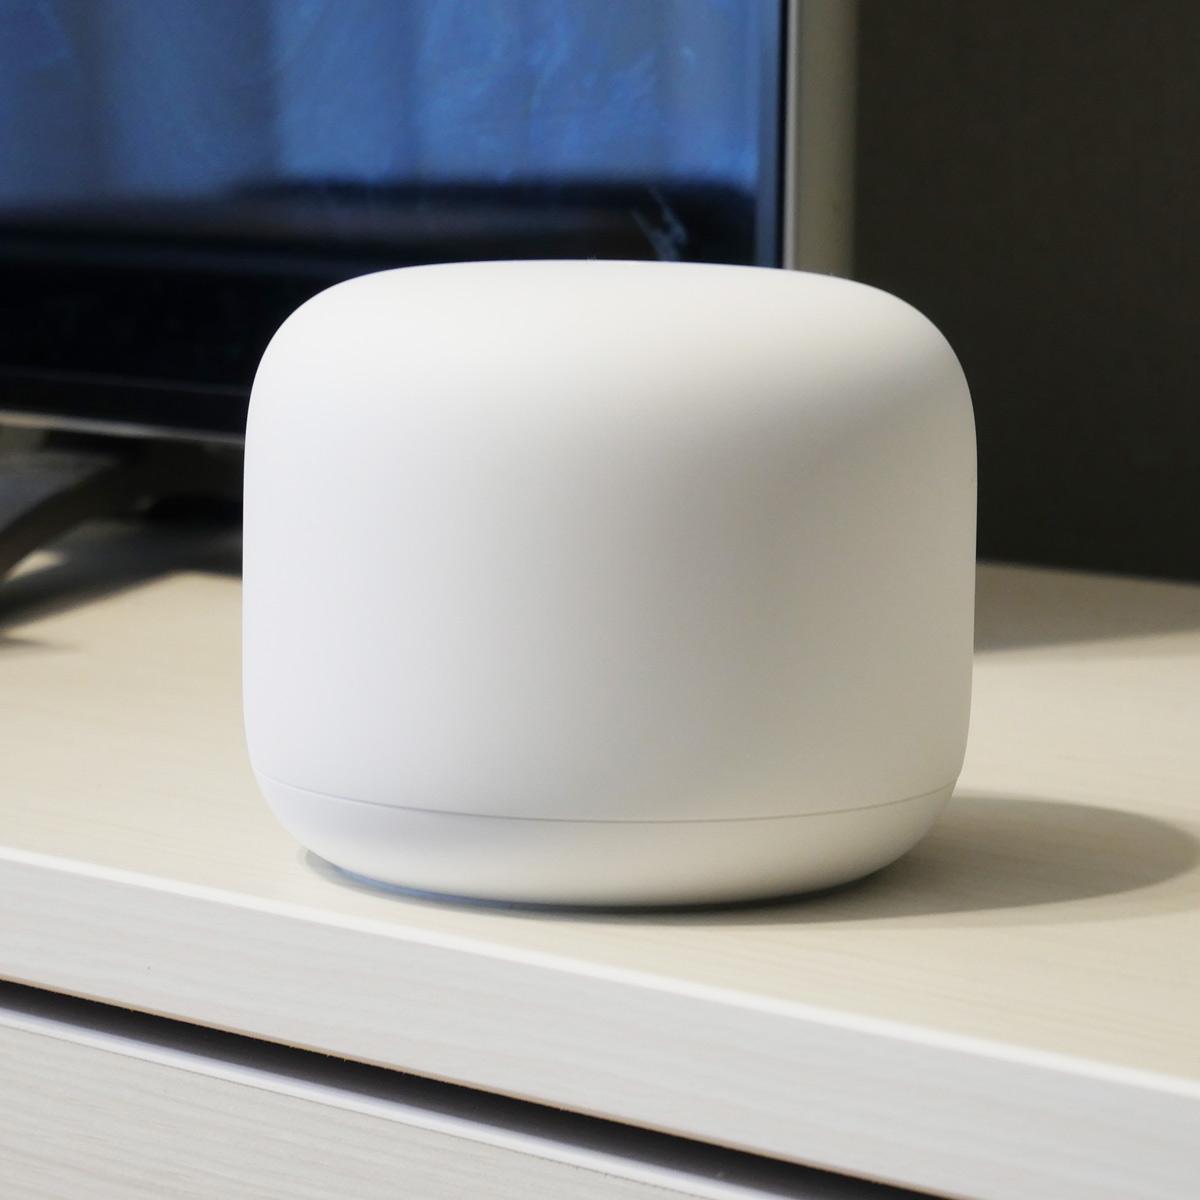 無線LANルーター「Google Nest WiFi」レビュー。メッシュネットワークで家のどこでも高速通信